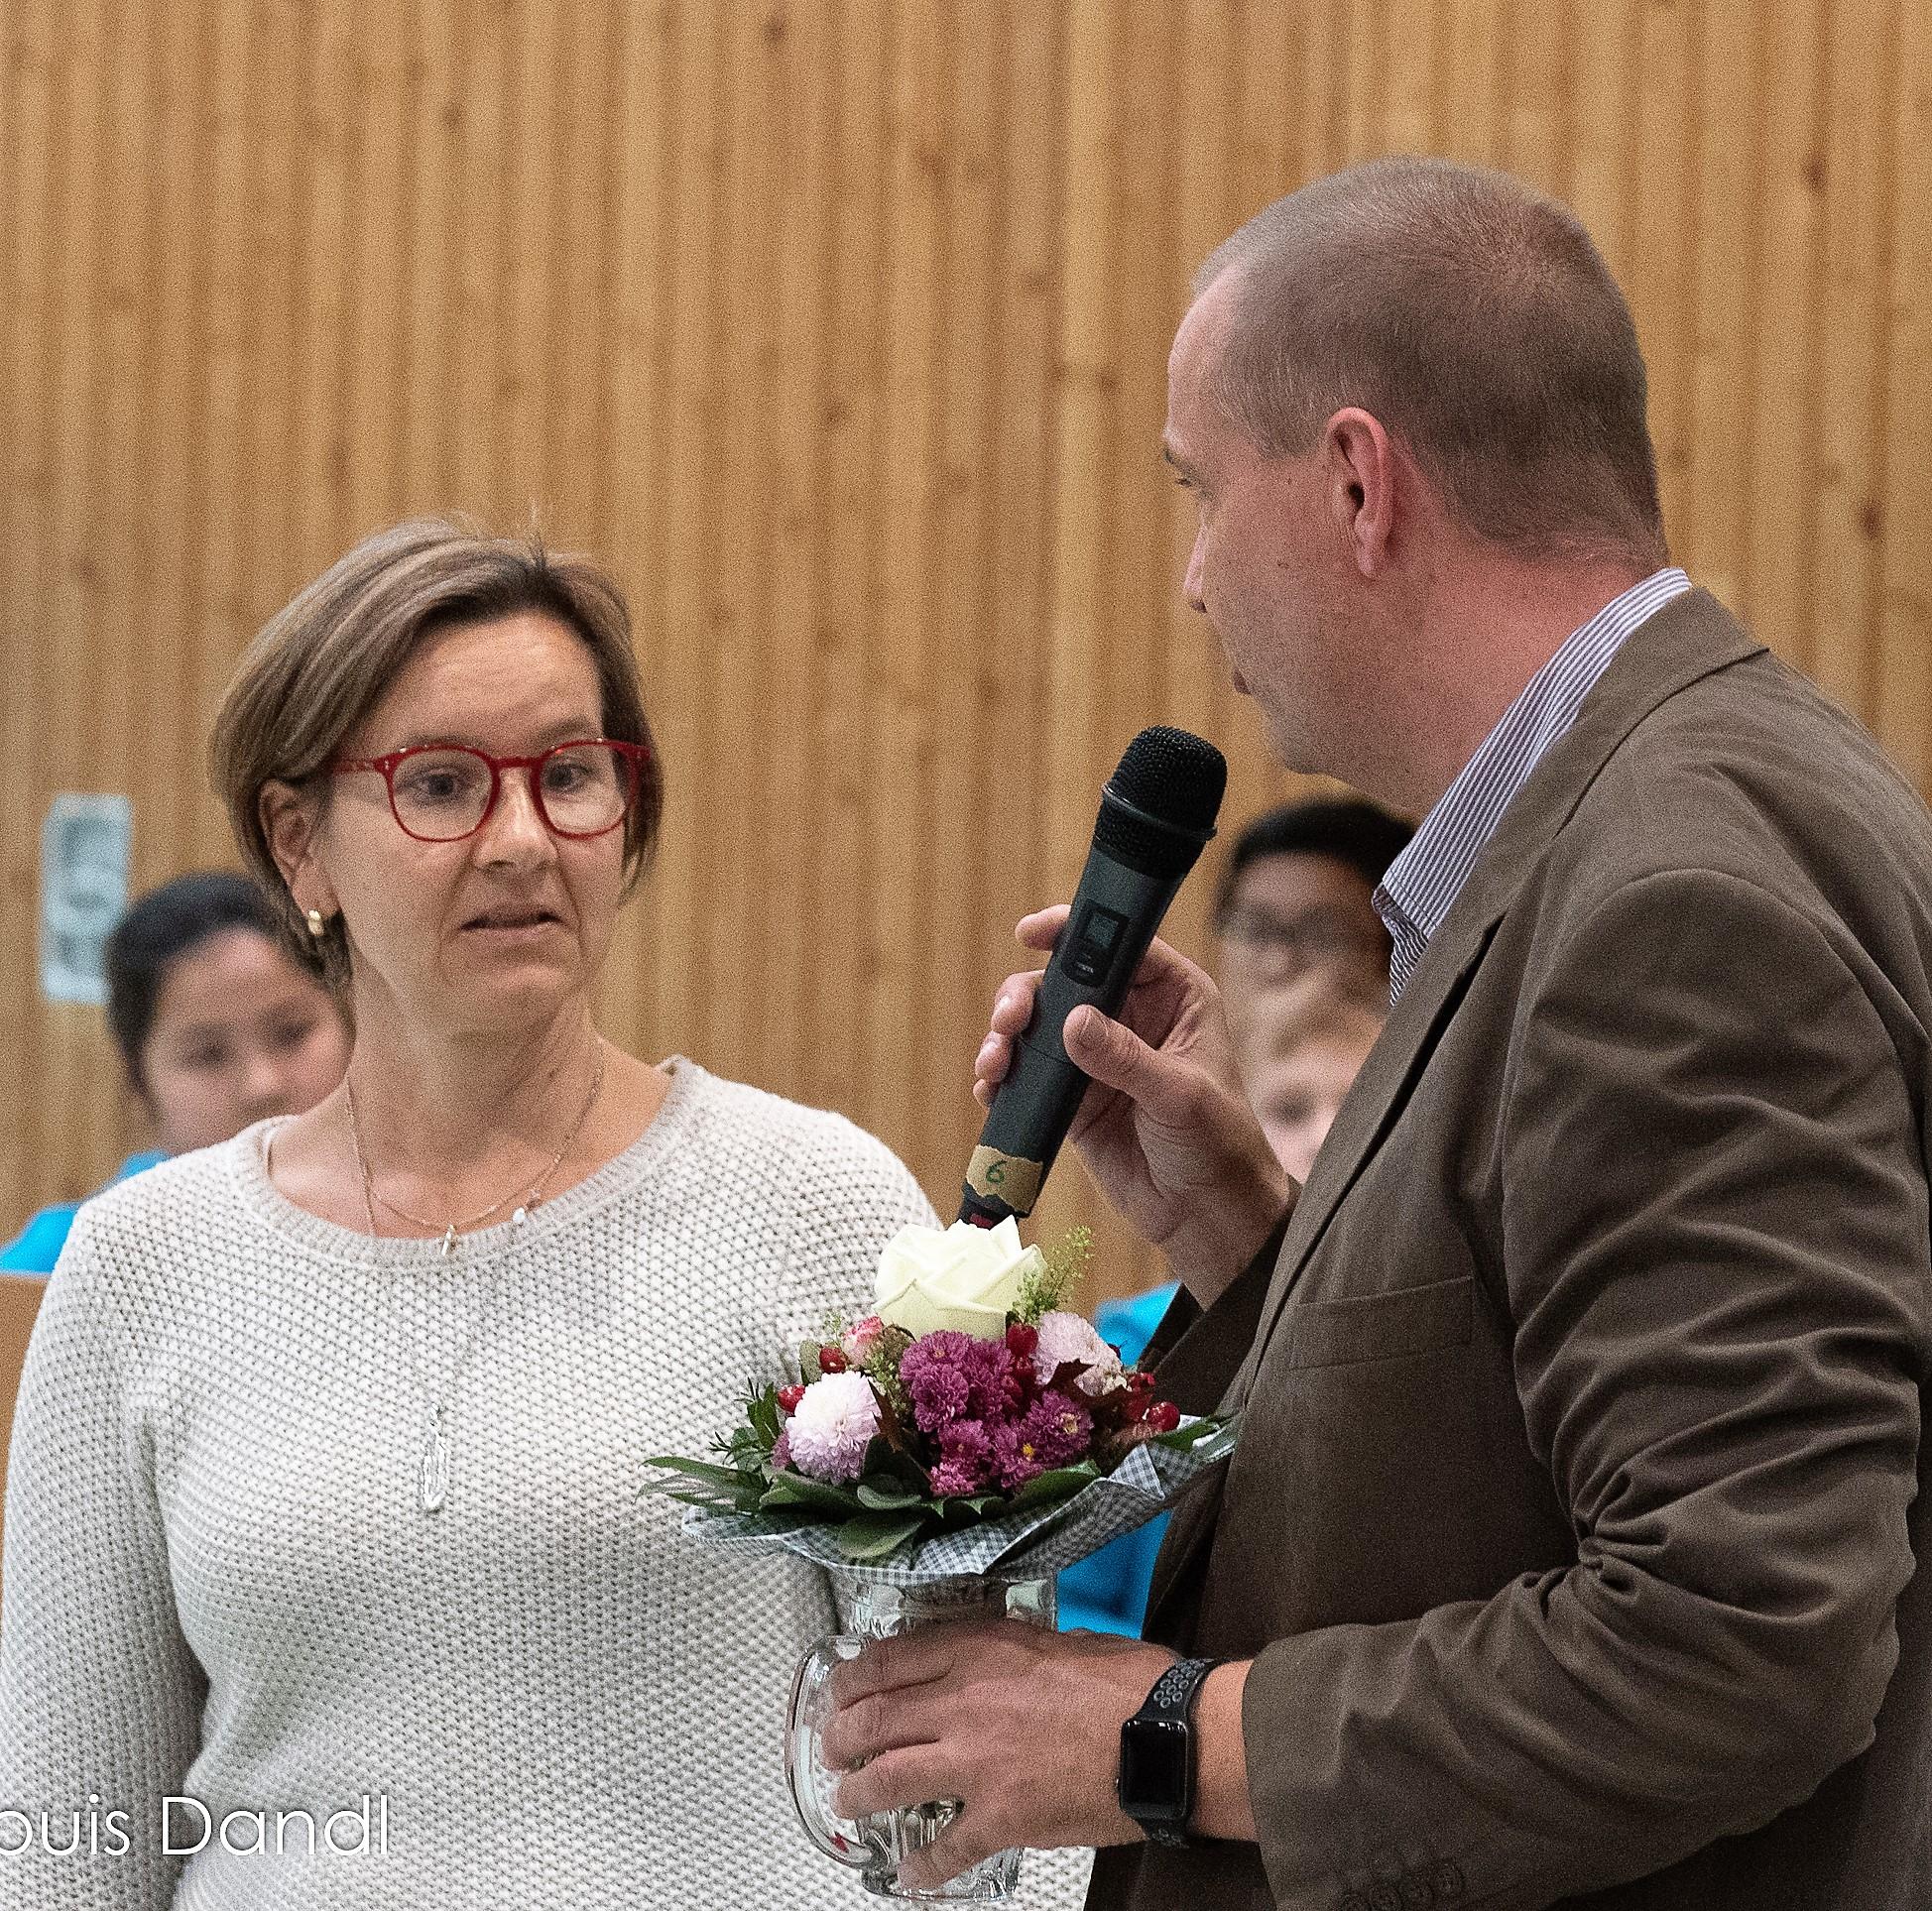 ... und offensichtlich überrascht, dass sie auch noch Blumen mit nach Hause nehmen durfte